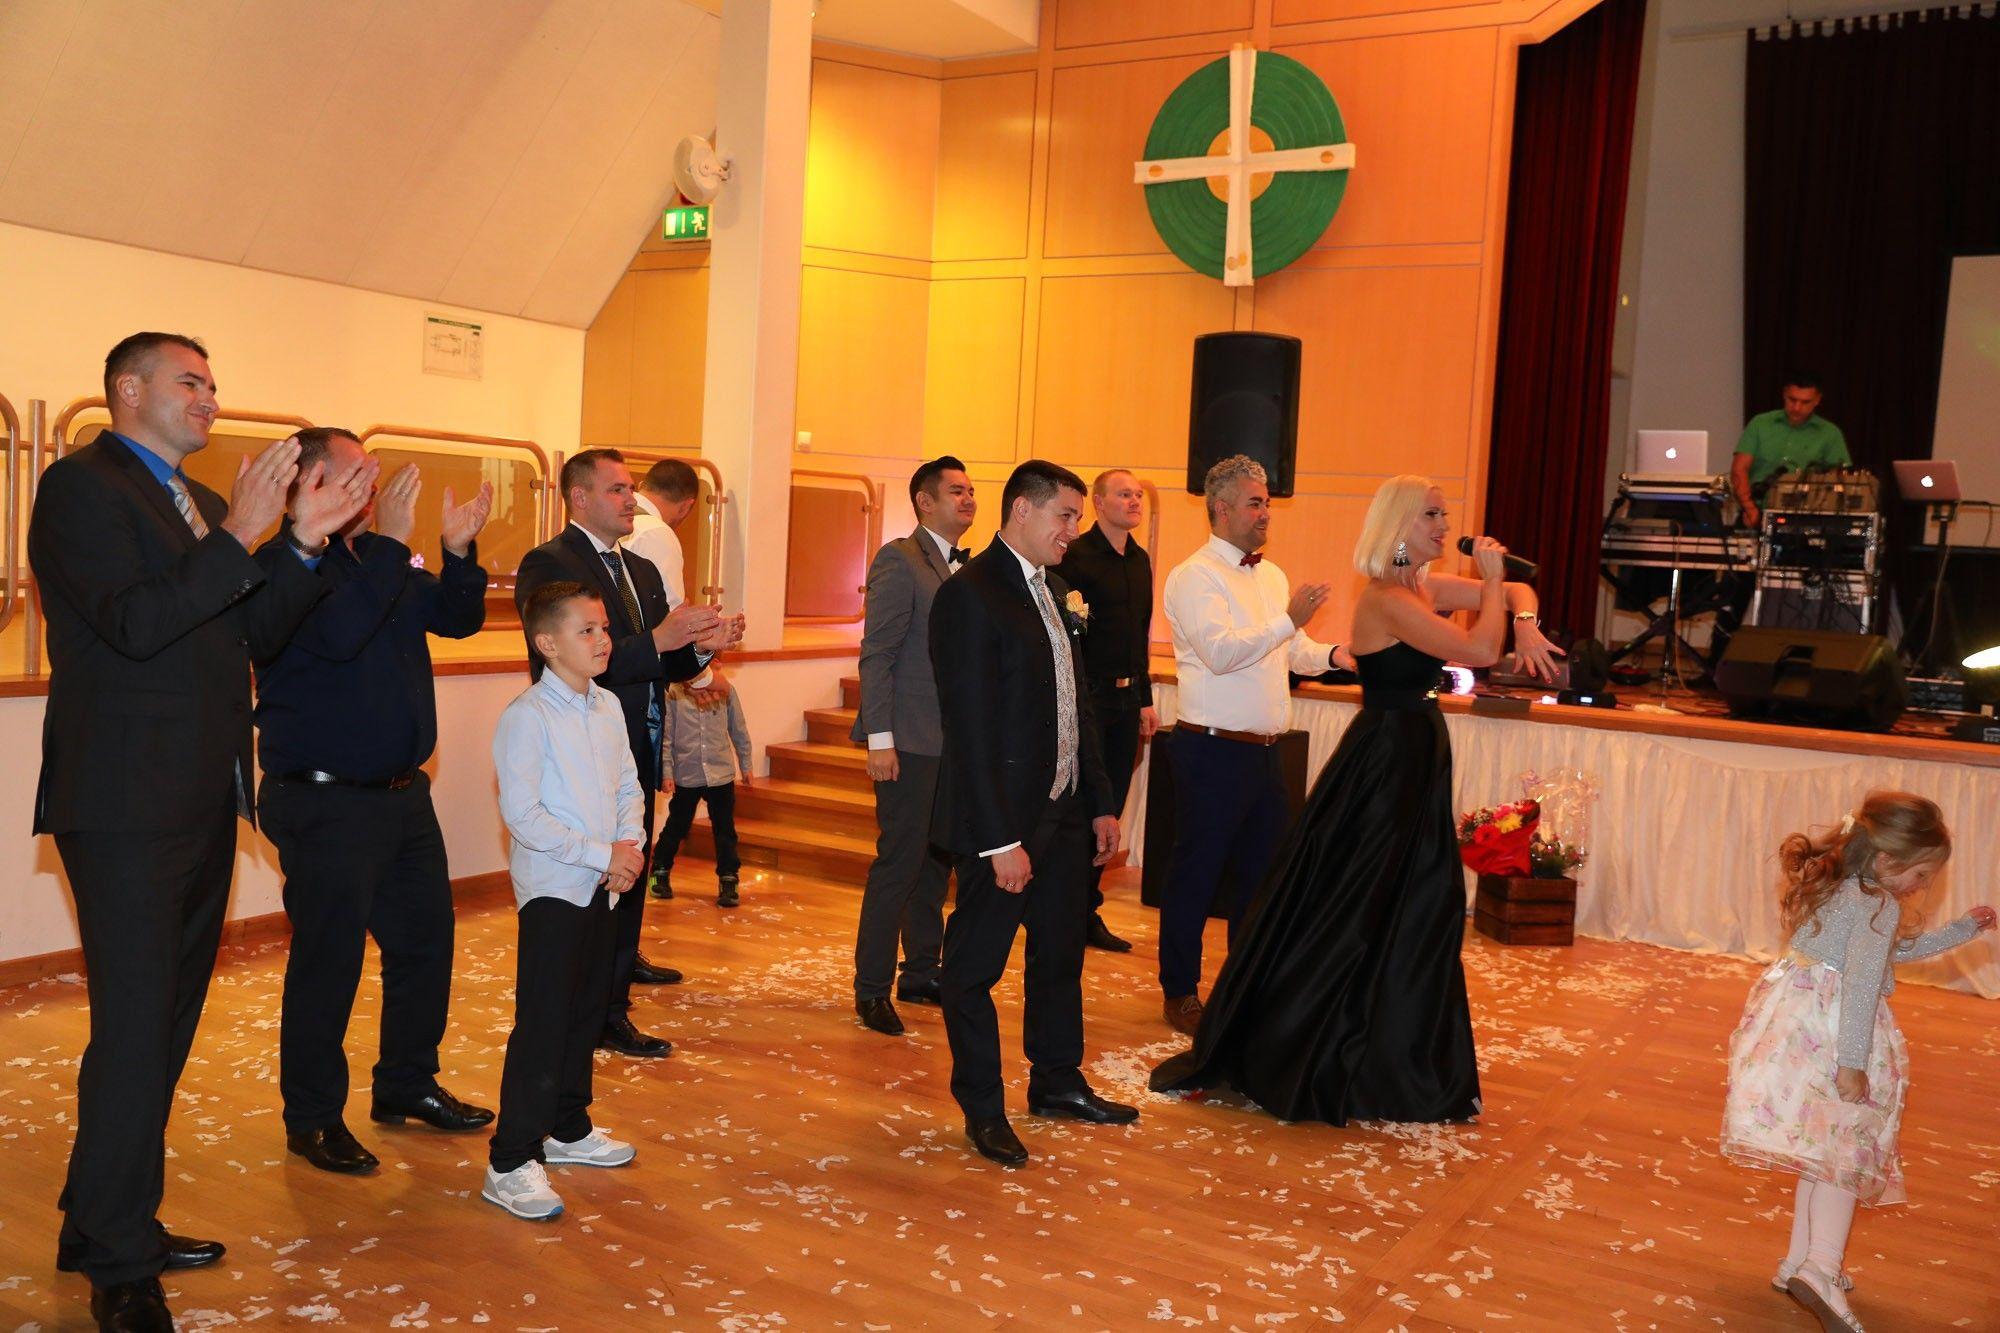 Showbandadrenalin Russischehochzeit Russwedding Saxplayer Geigeshow Musikband Partyband Hochzeit Hochzeitsband Adrenalinband Covergroup Hoc Feier Tanzen Und Saxophon